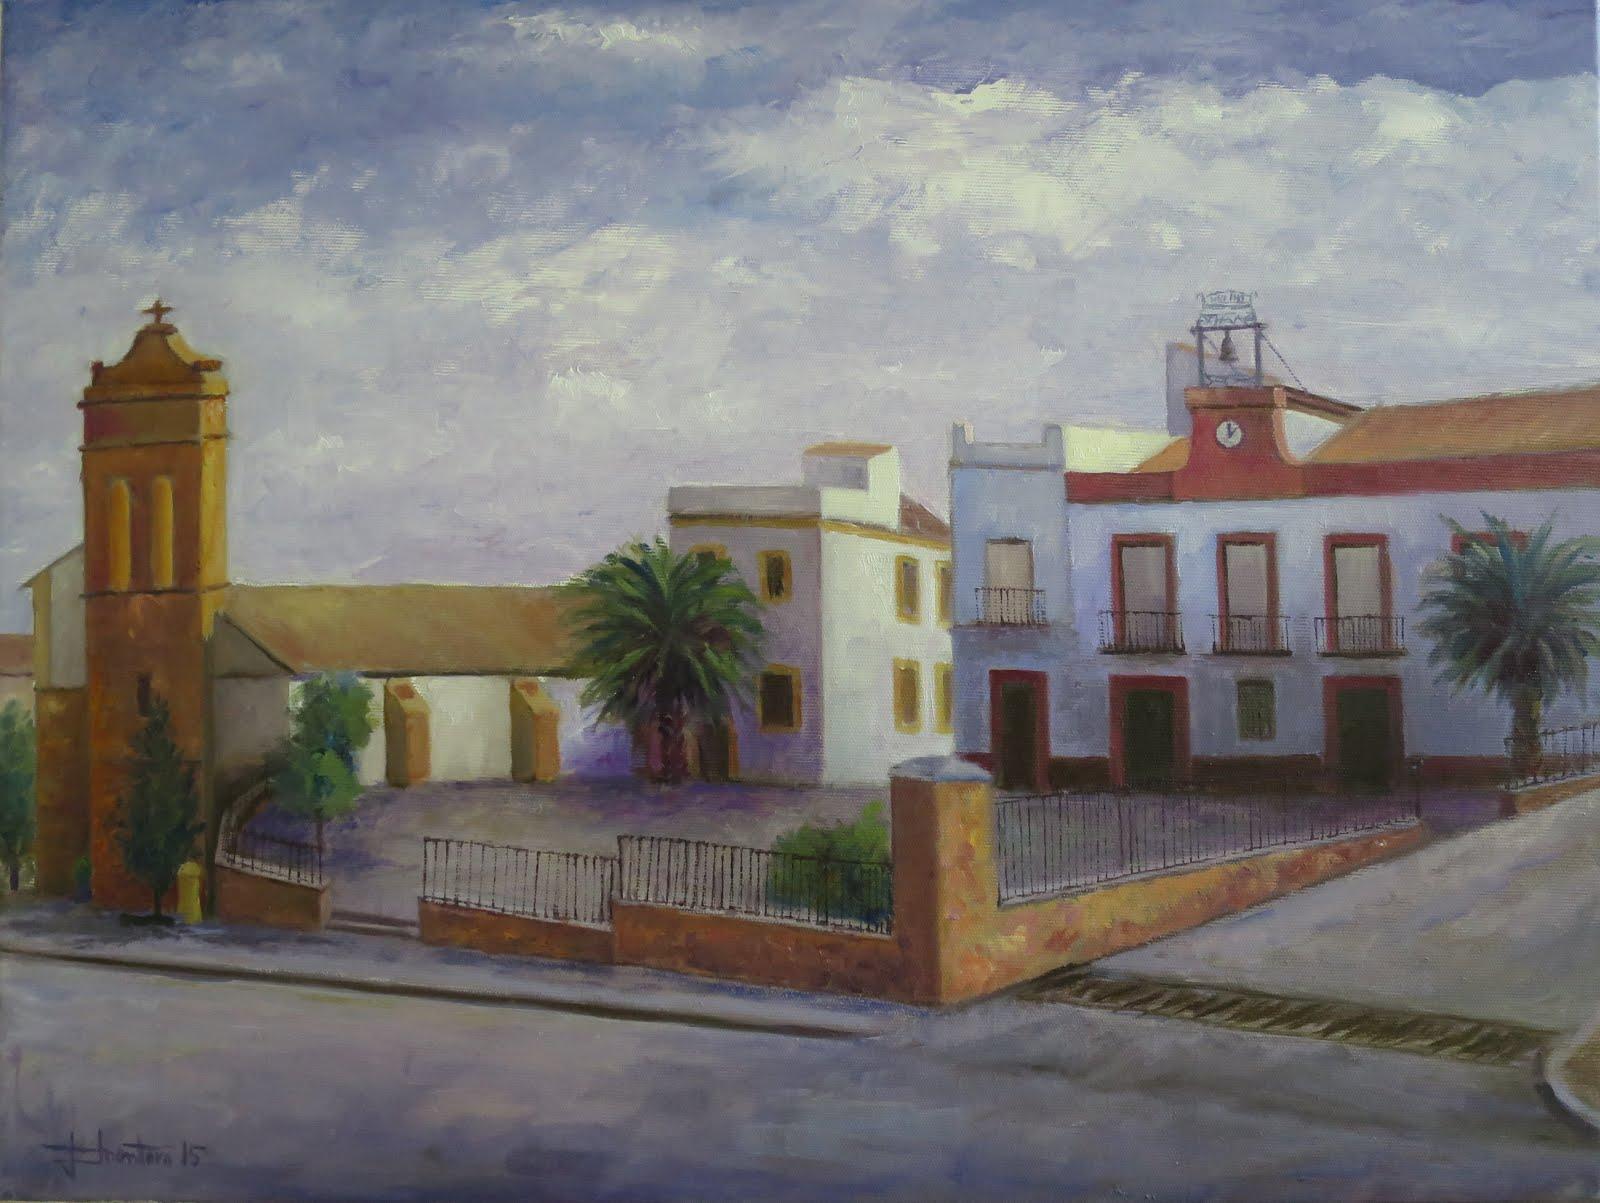 La Plaza; Fuerte del Rey, Jaén (12P)